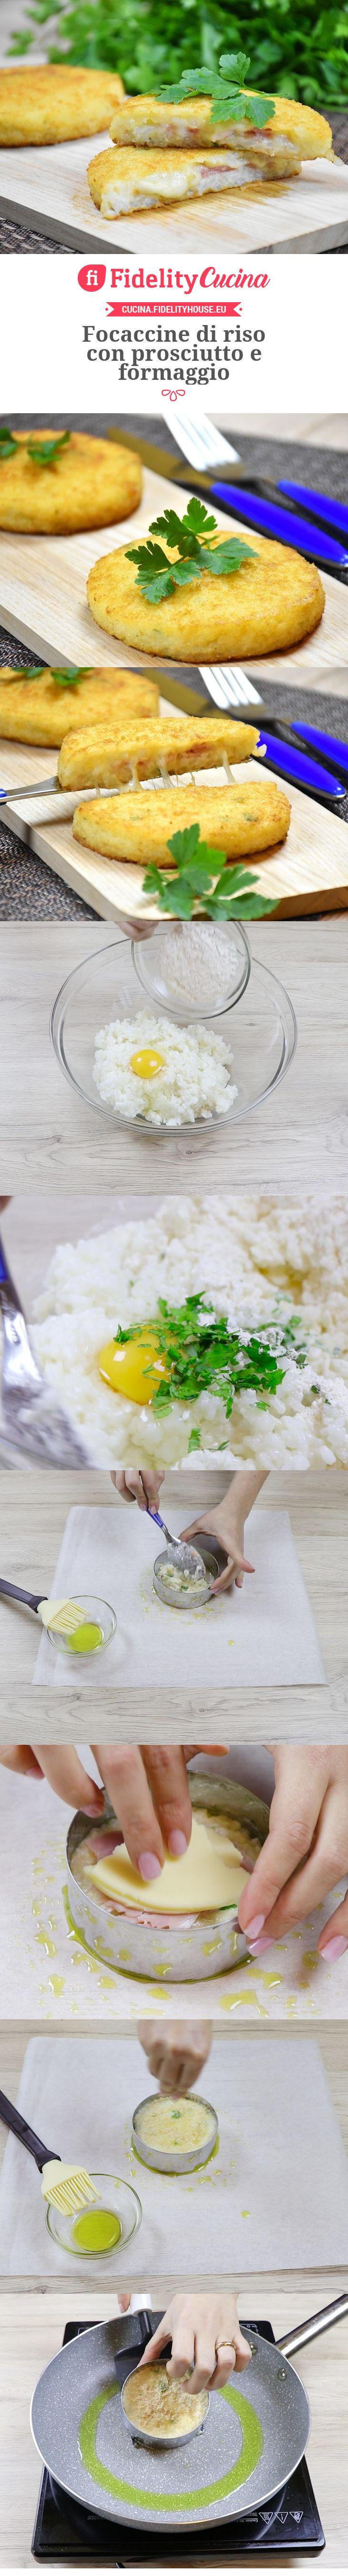 Focaccine di riso con prosciutto e formaggio